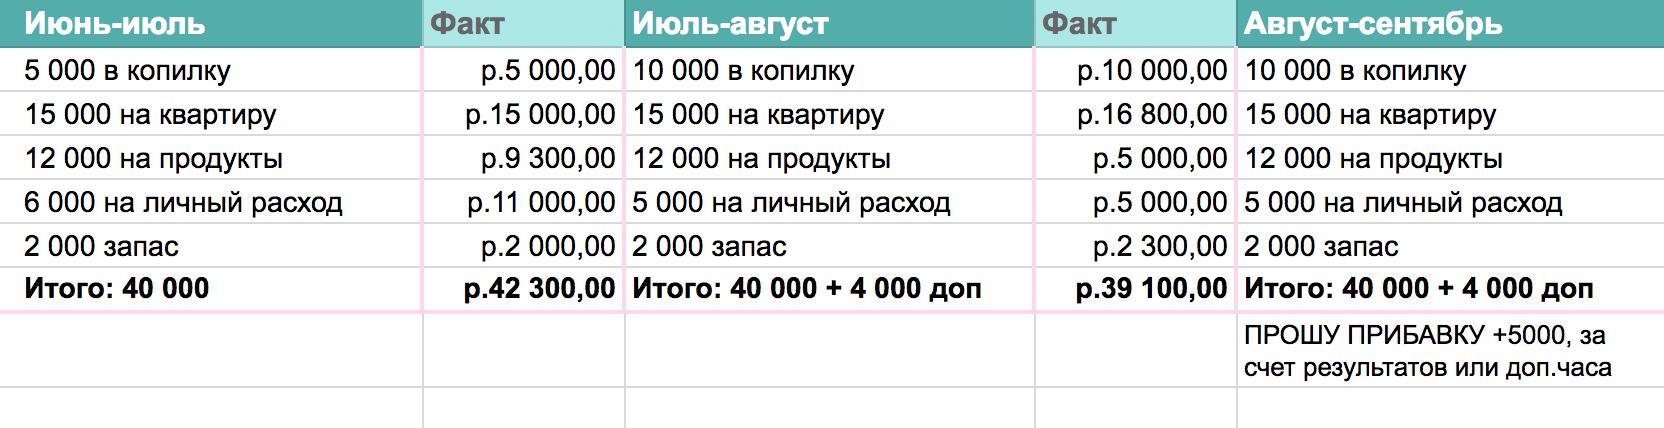 Фрагмент таблицы, в которой планирую расходы. С ее помощью сэкономила 60 тысяч с февраля по июль 2018 года